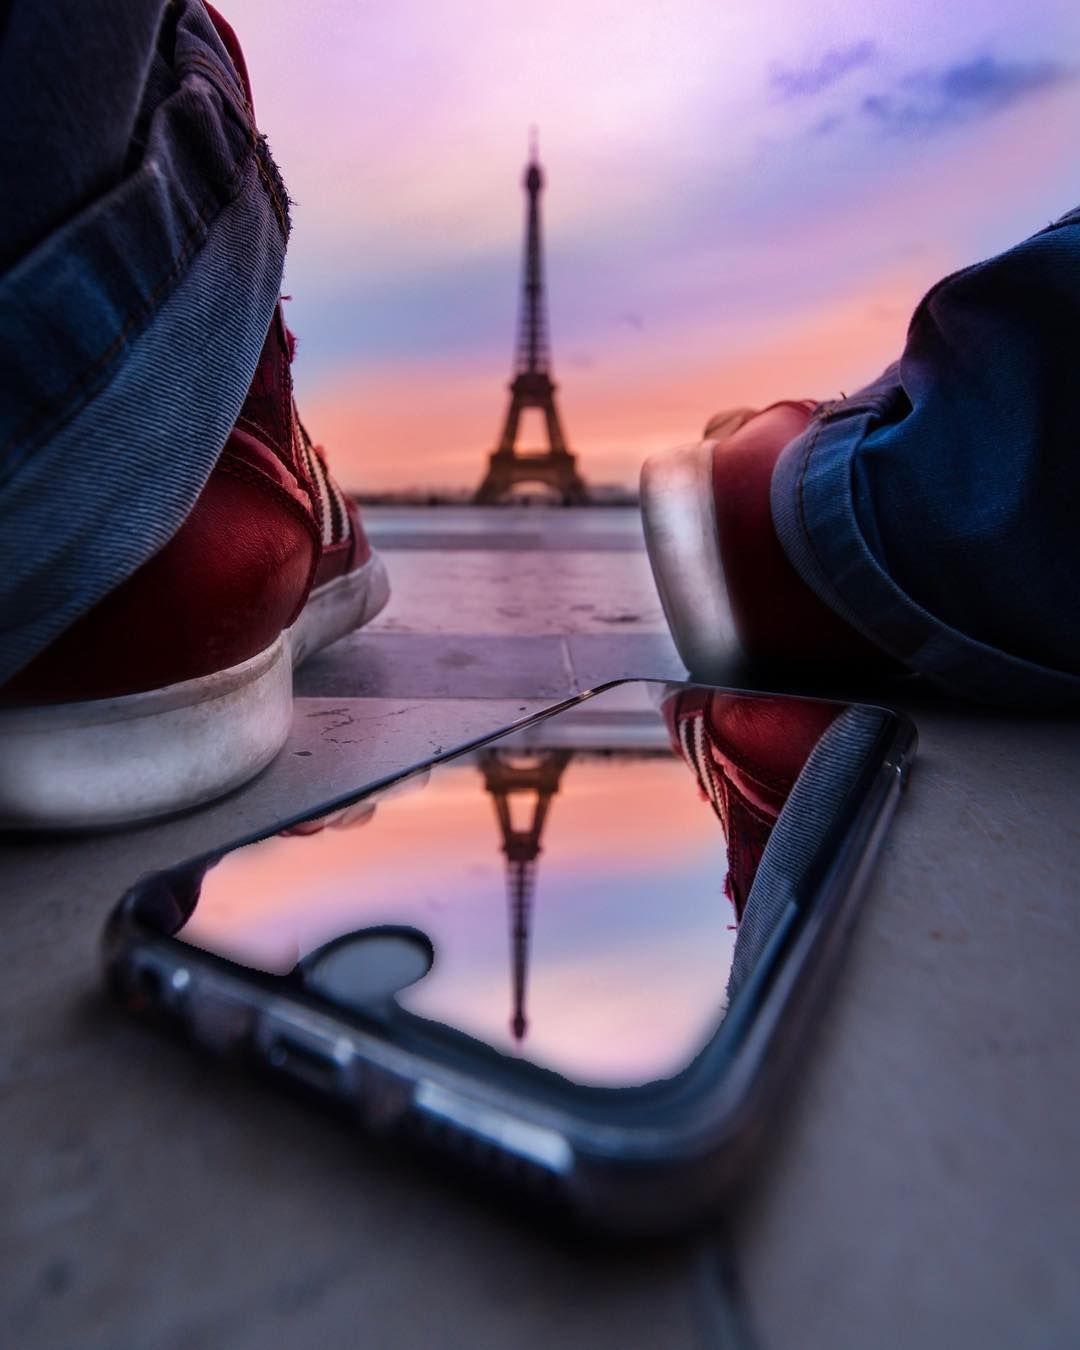 La Vie N'est Que Le Reflet Des Couleurs Qu'on Lui Donne : n'est, reflet, couleurs, qu'on, donne, Épinglé, Ciara, Walsh, Cities, Photo, Lovers,, Instagram,, Photographie